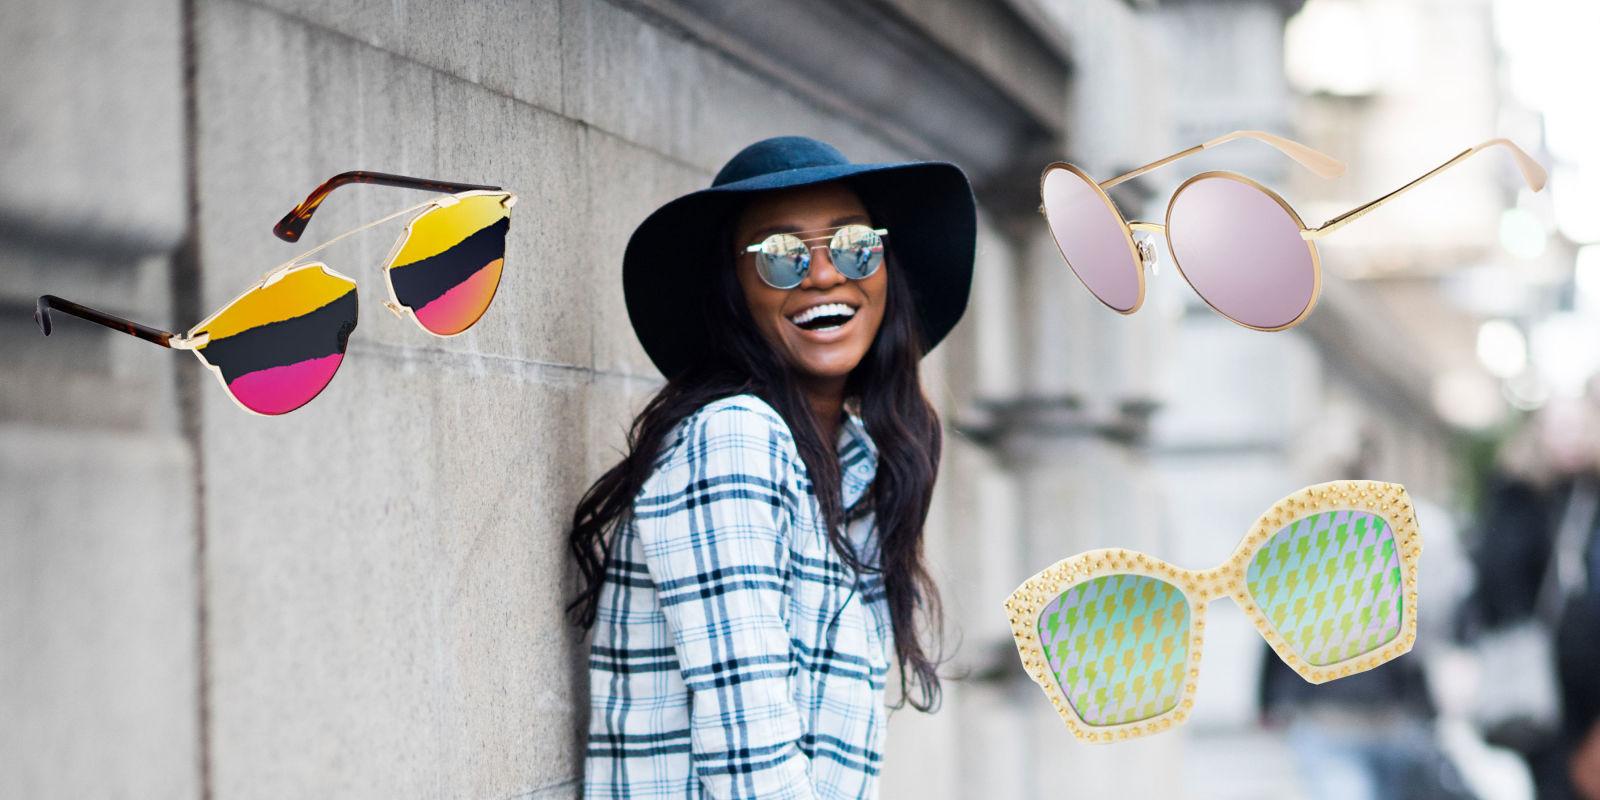 Gli occhiali da sole a specchio da donna pi belli - Occhiali da sole a specchio ...